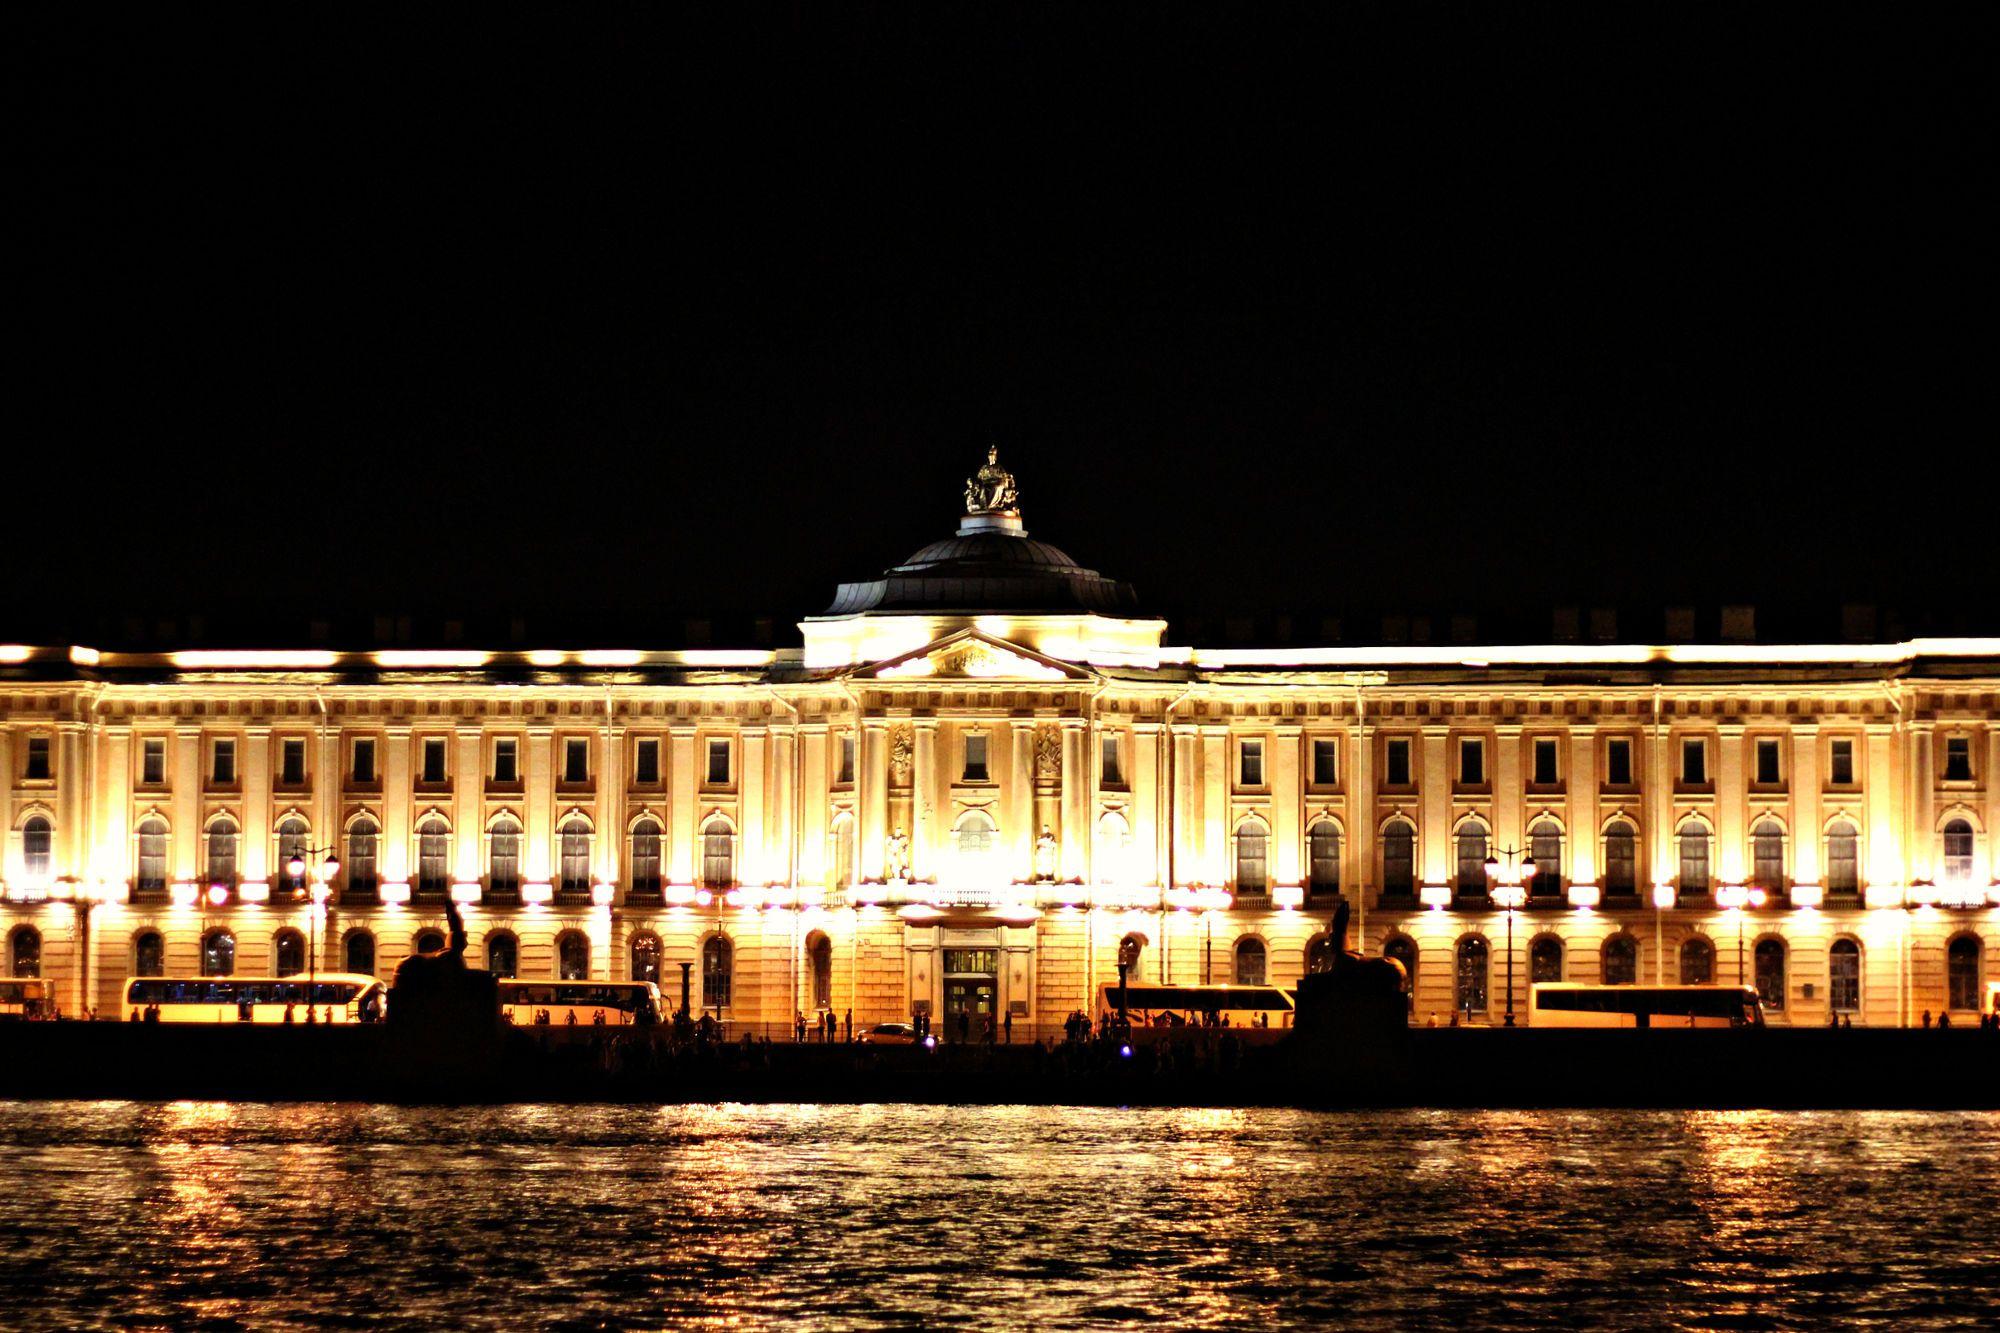 дней, что санкт петербургская академия фотографии своей классификации